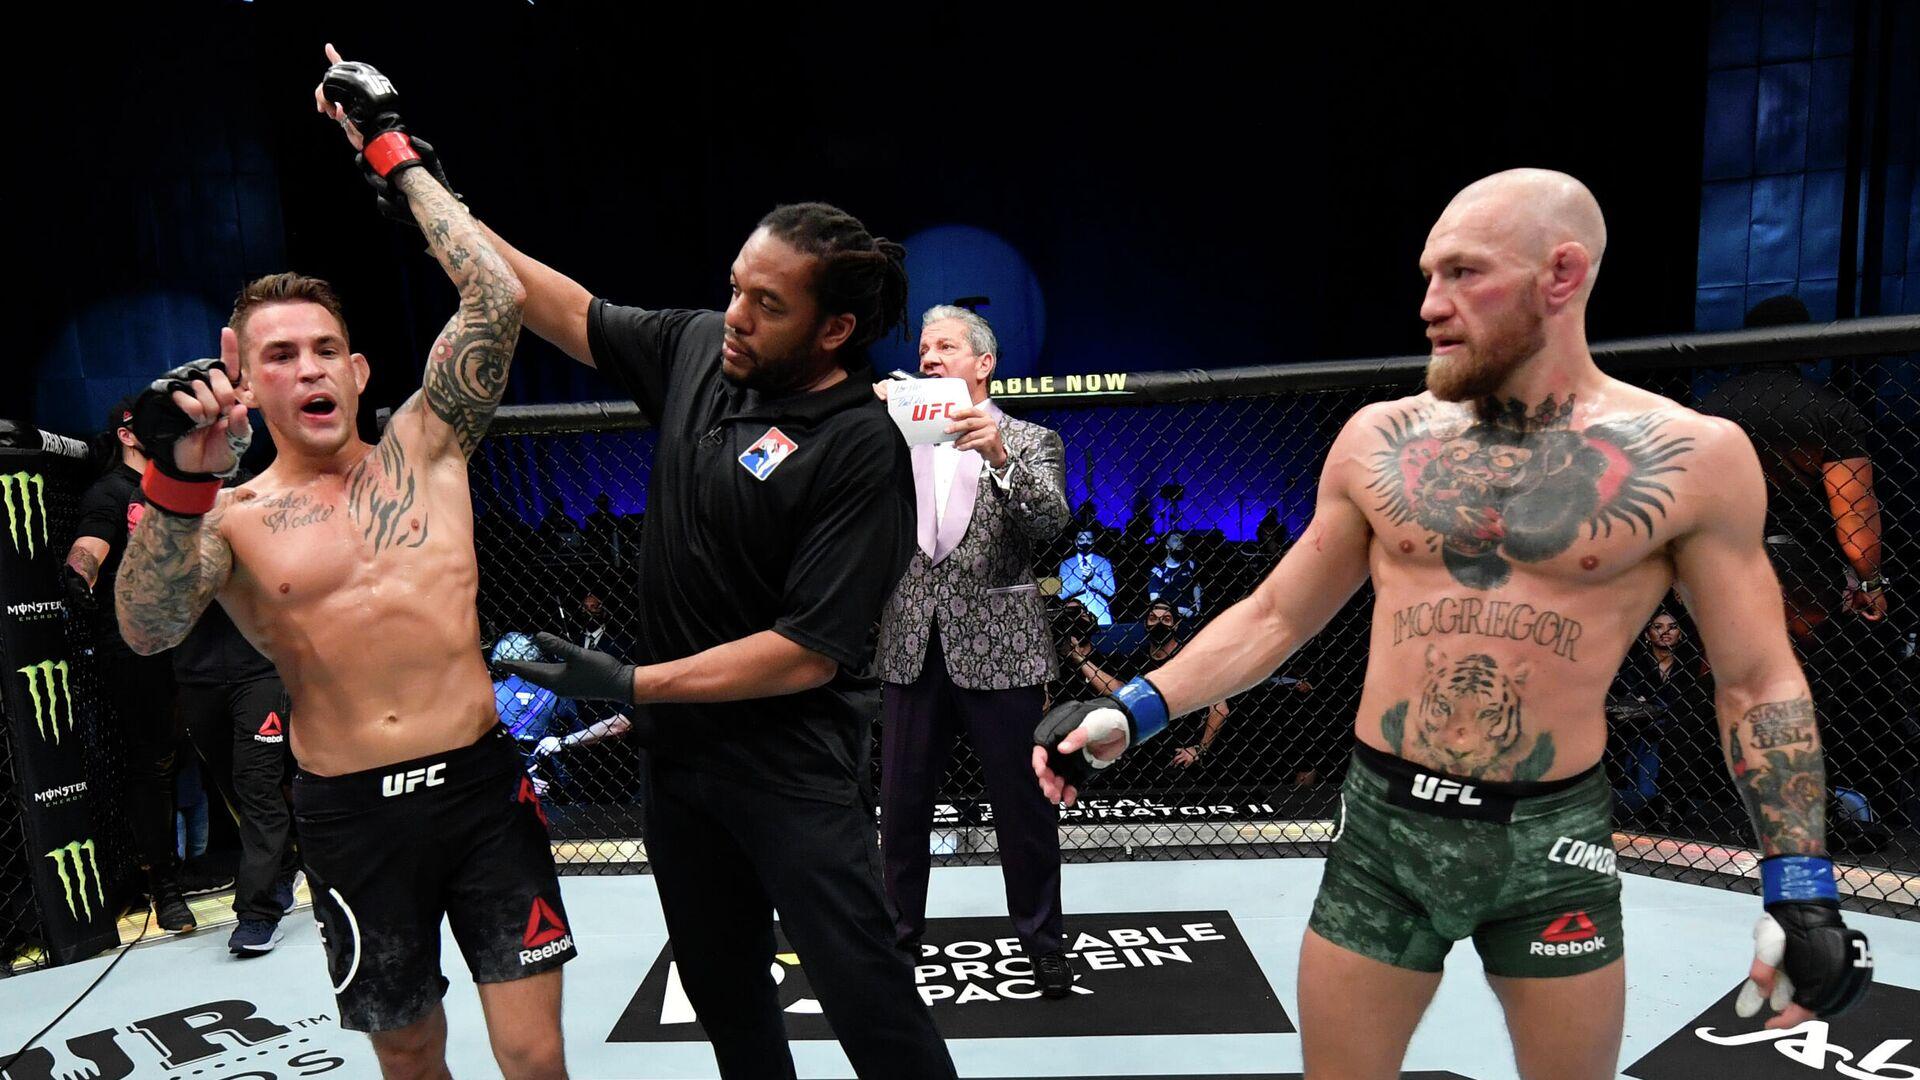 Дастин Порье (слева) и Конор Макгрегор после поединка на турнире UFC 257 - РИА Новости, 1920, 24.01.2021